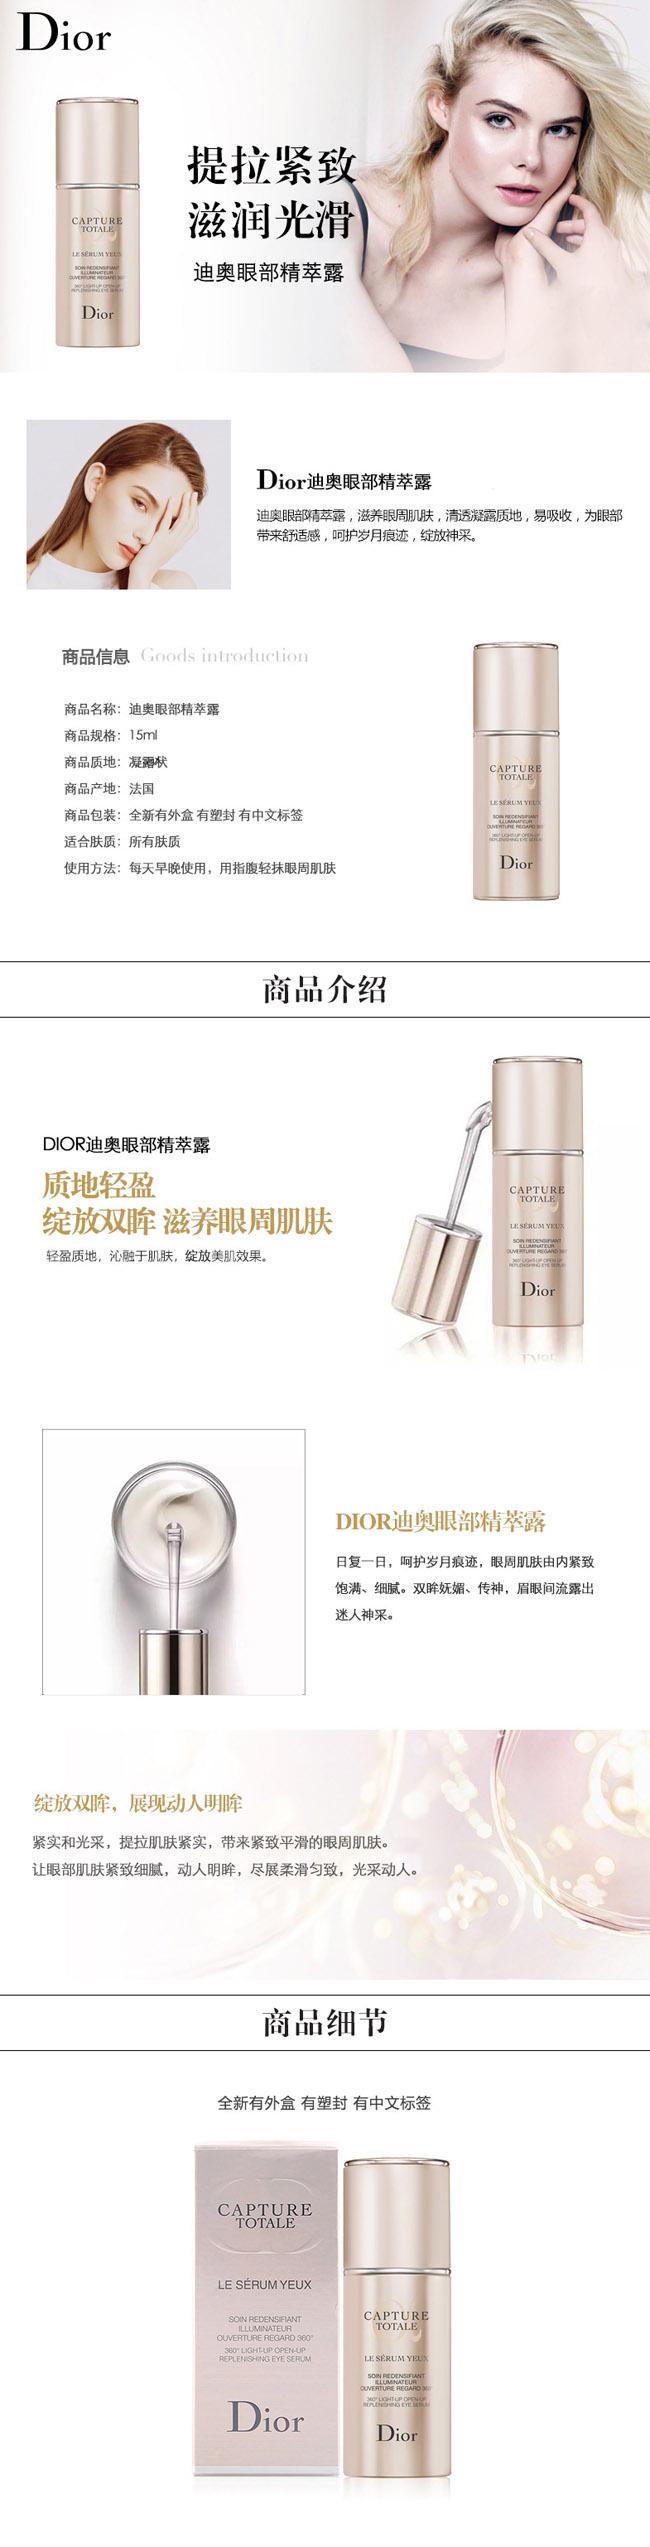 法国Dior迪奥修复眼部精华15ml-1.jpg